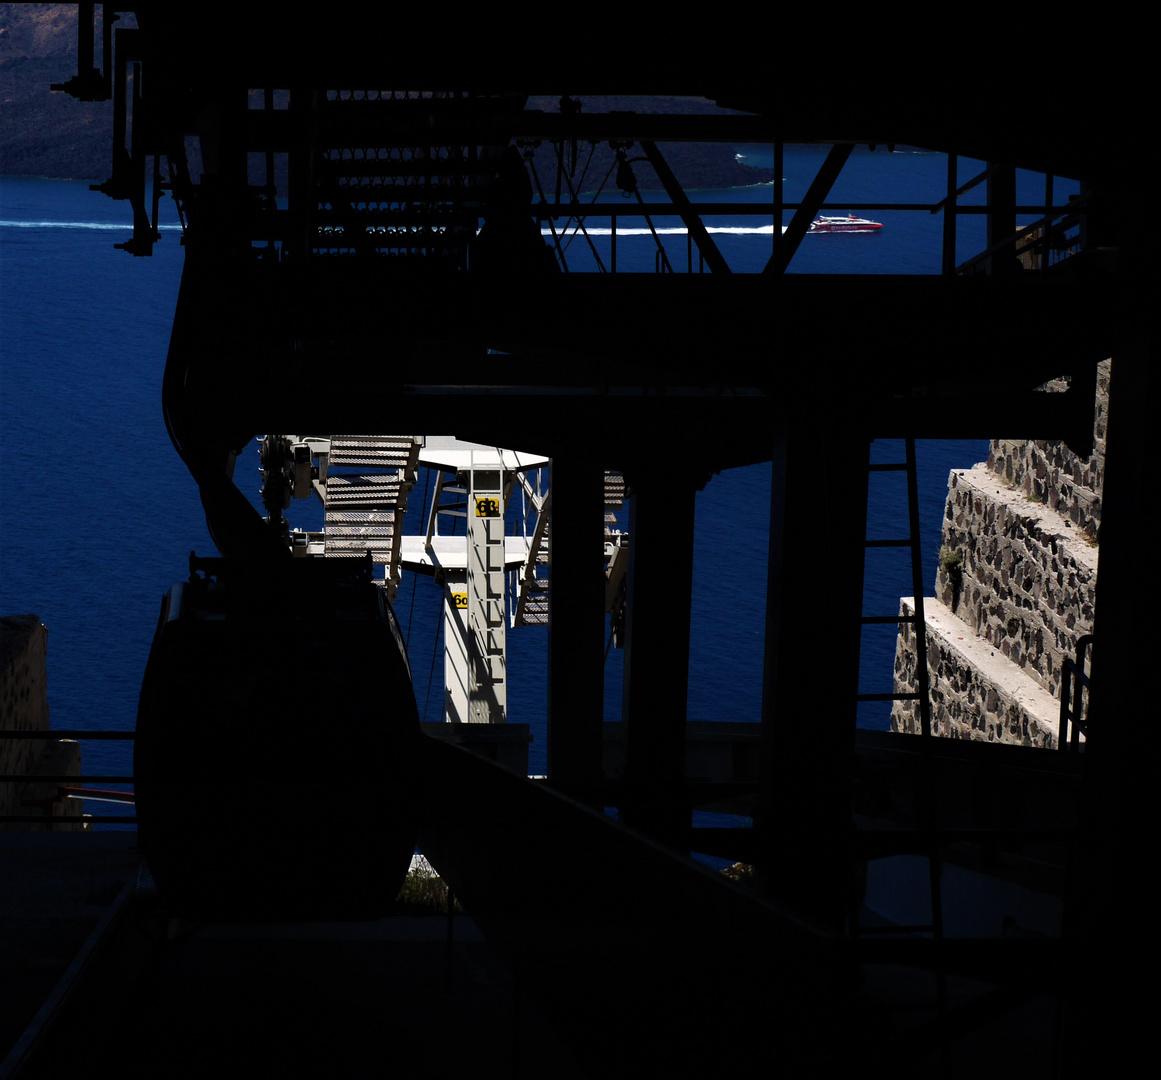 Eaten by darkness - Gondeln im Schlund der Bergstation von Thira